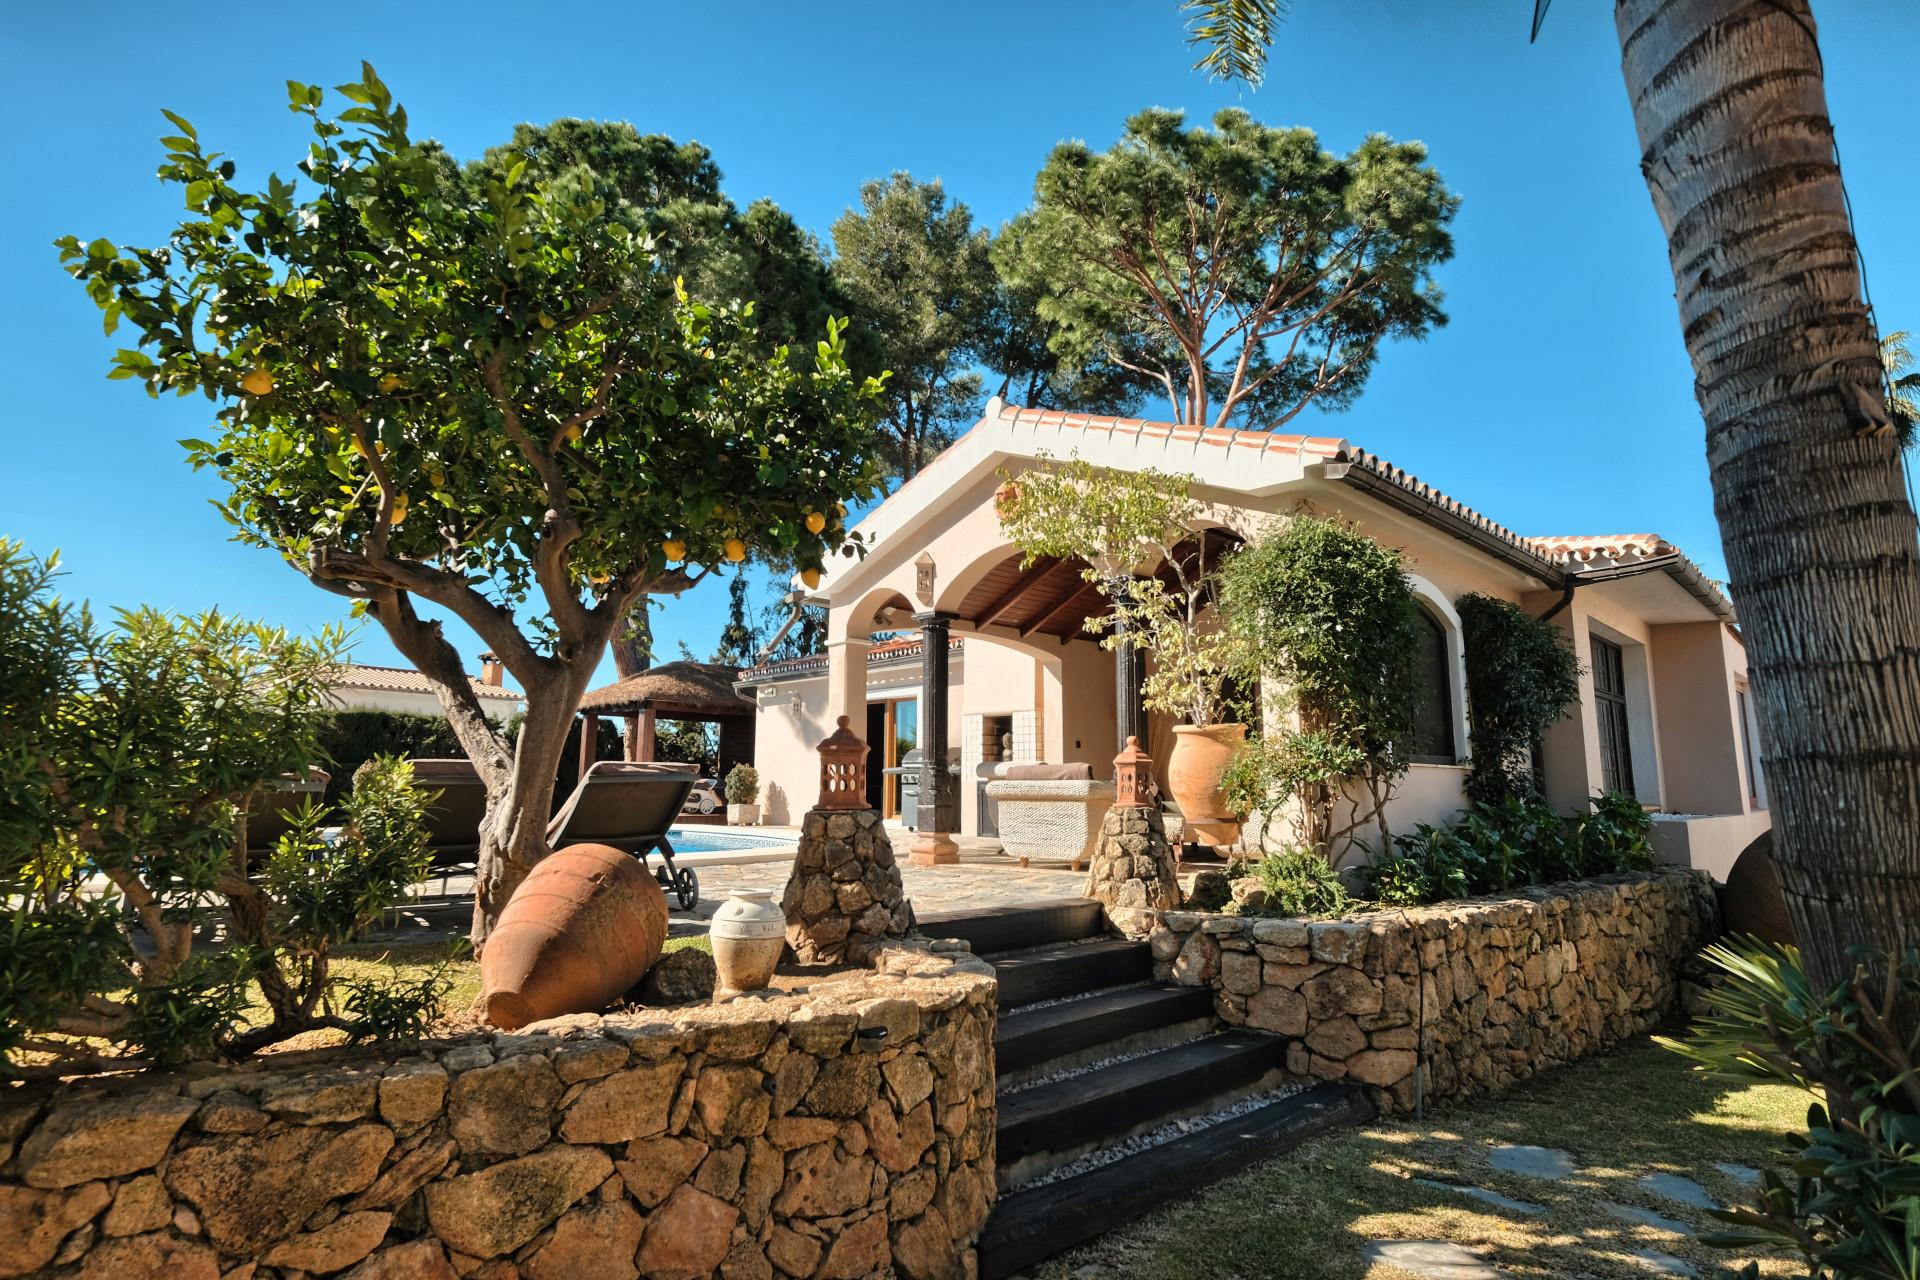 Villa familiar y acogedora parcialmente renovada a la venta en Elviria – Marbella